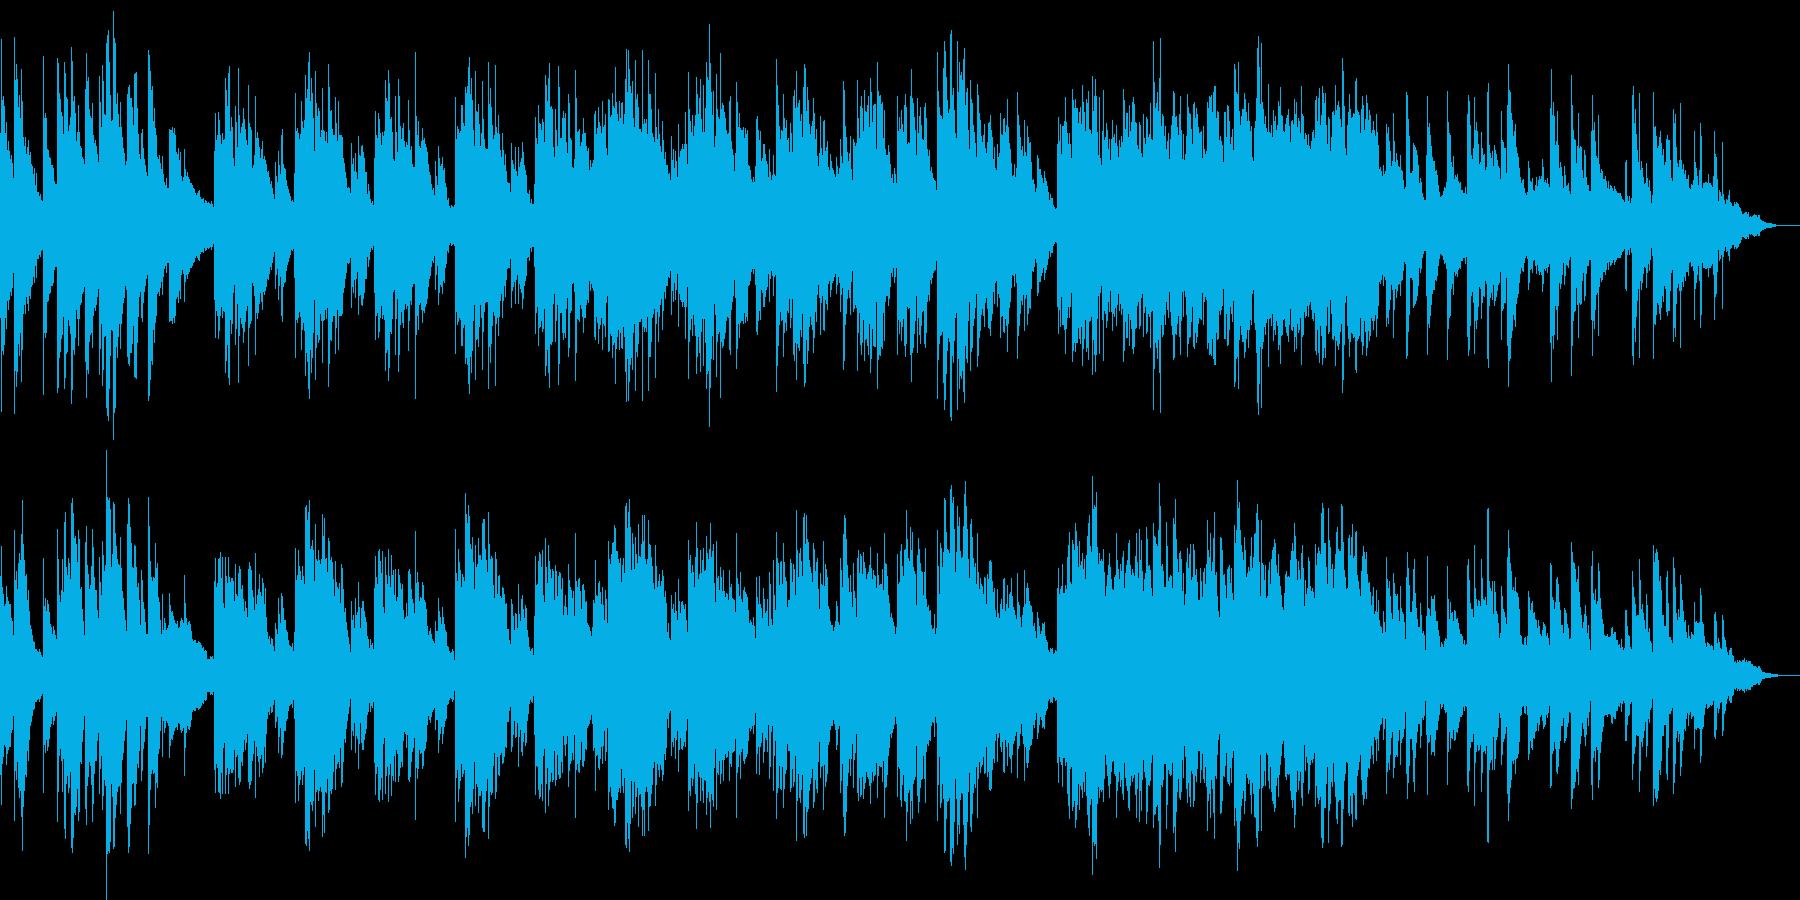 優しくも悲しいピアノ曲の再生済みの波形